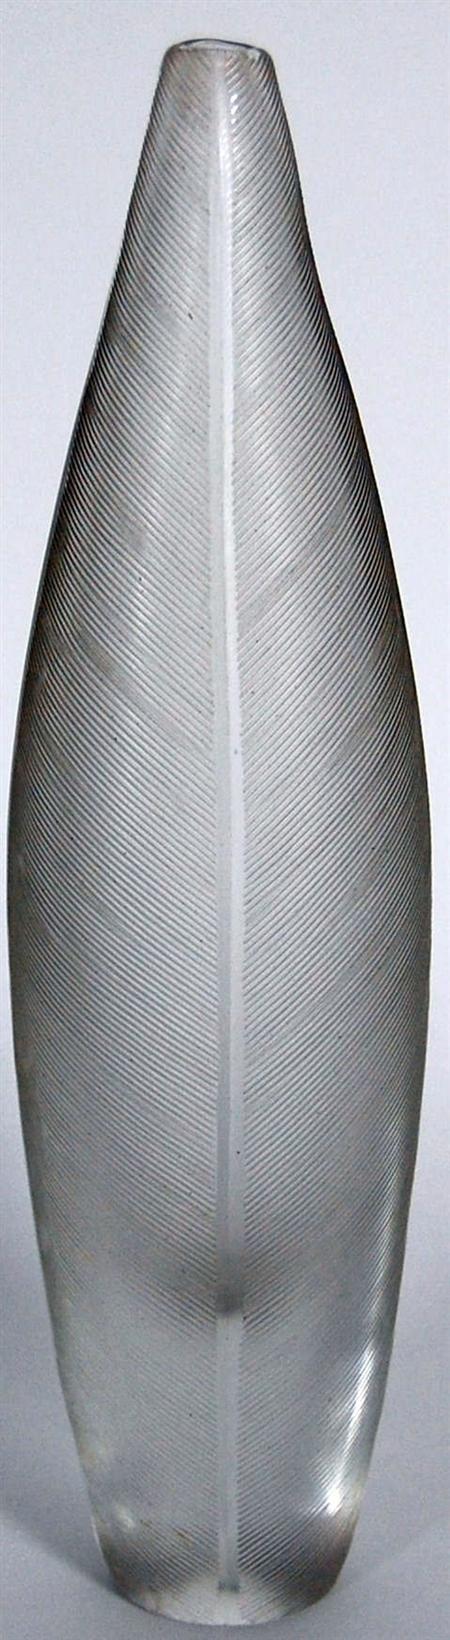 Tapio Wirkkala, 1950's glass vase